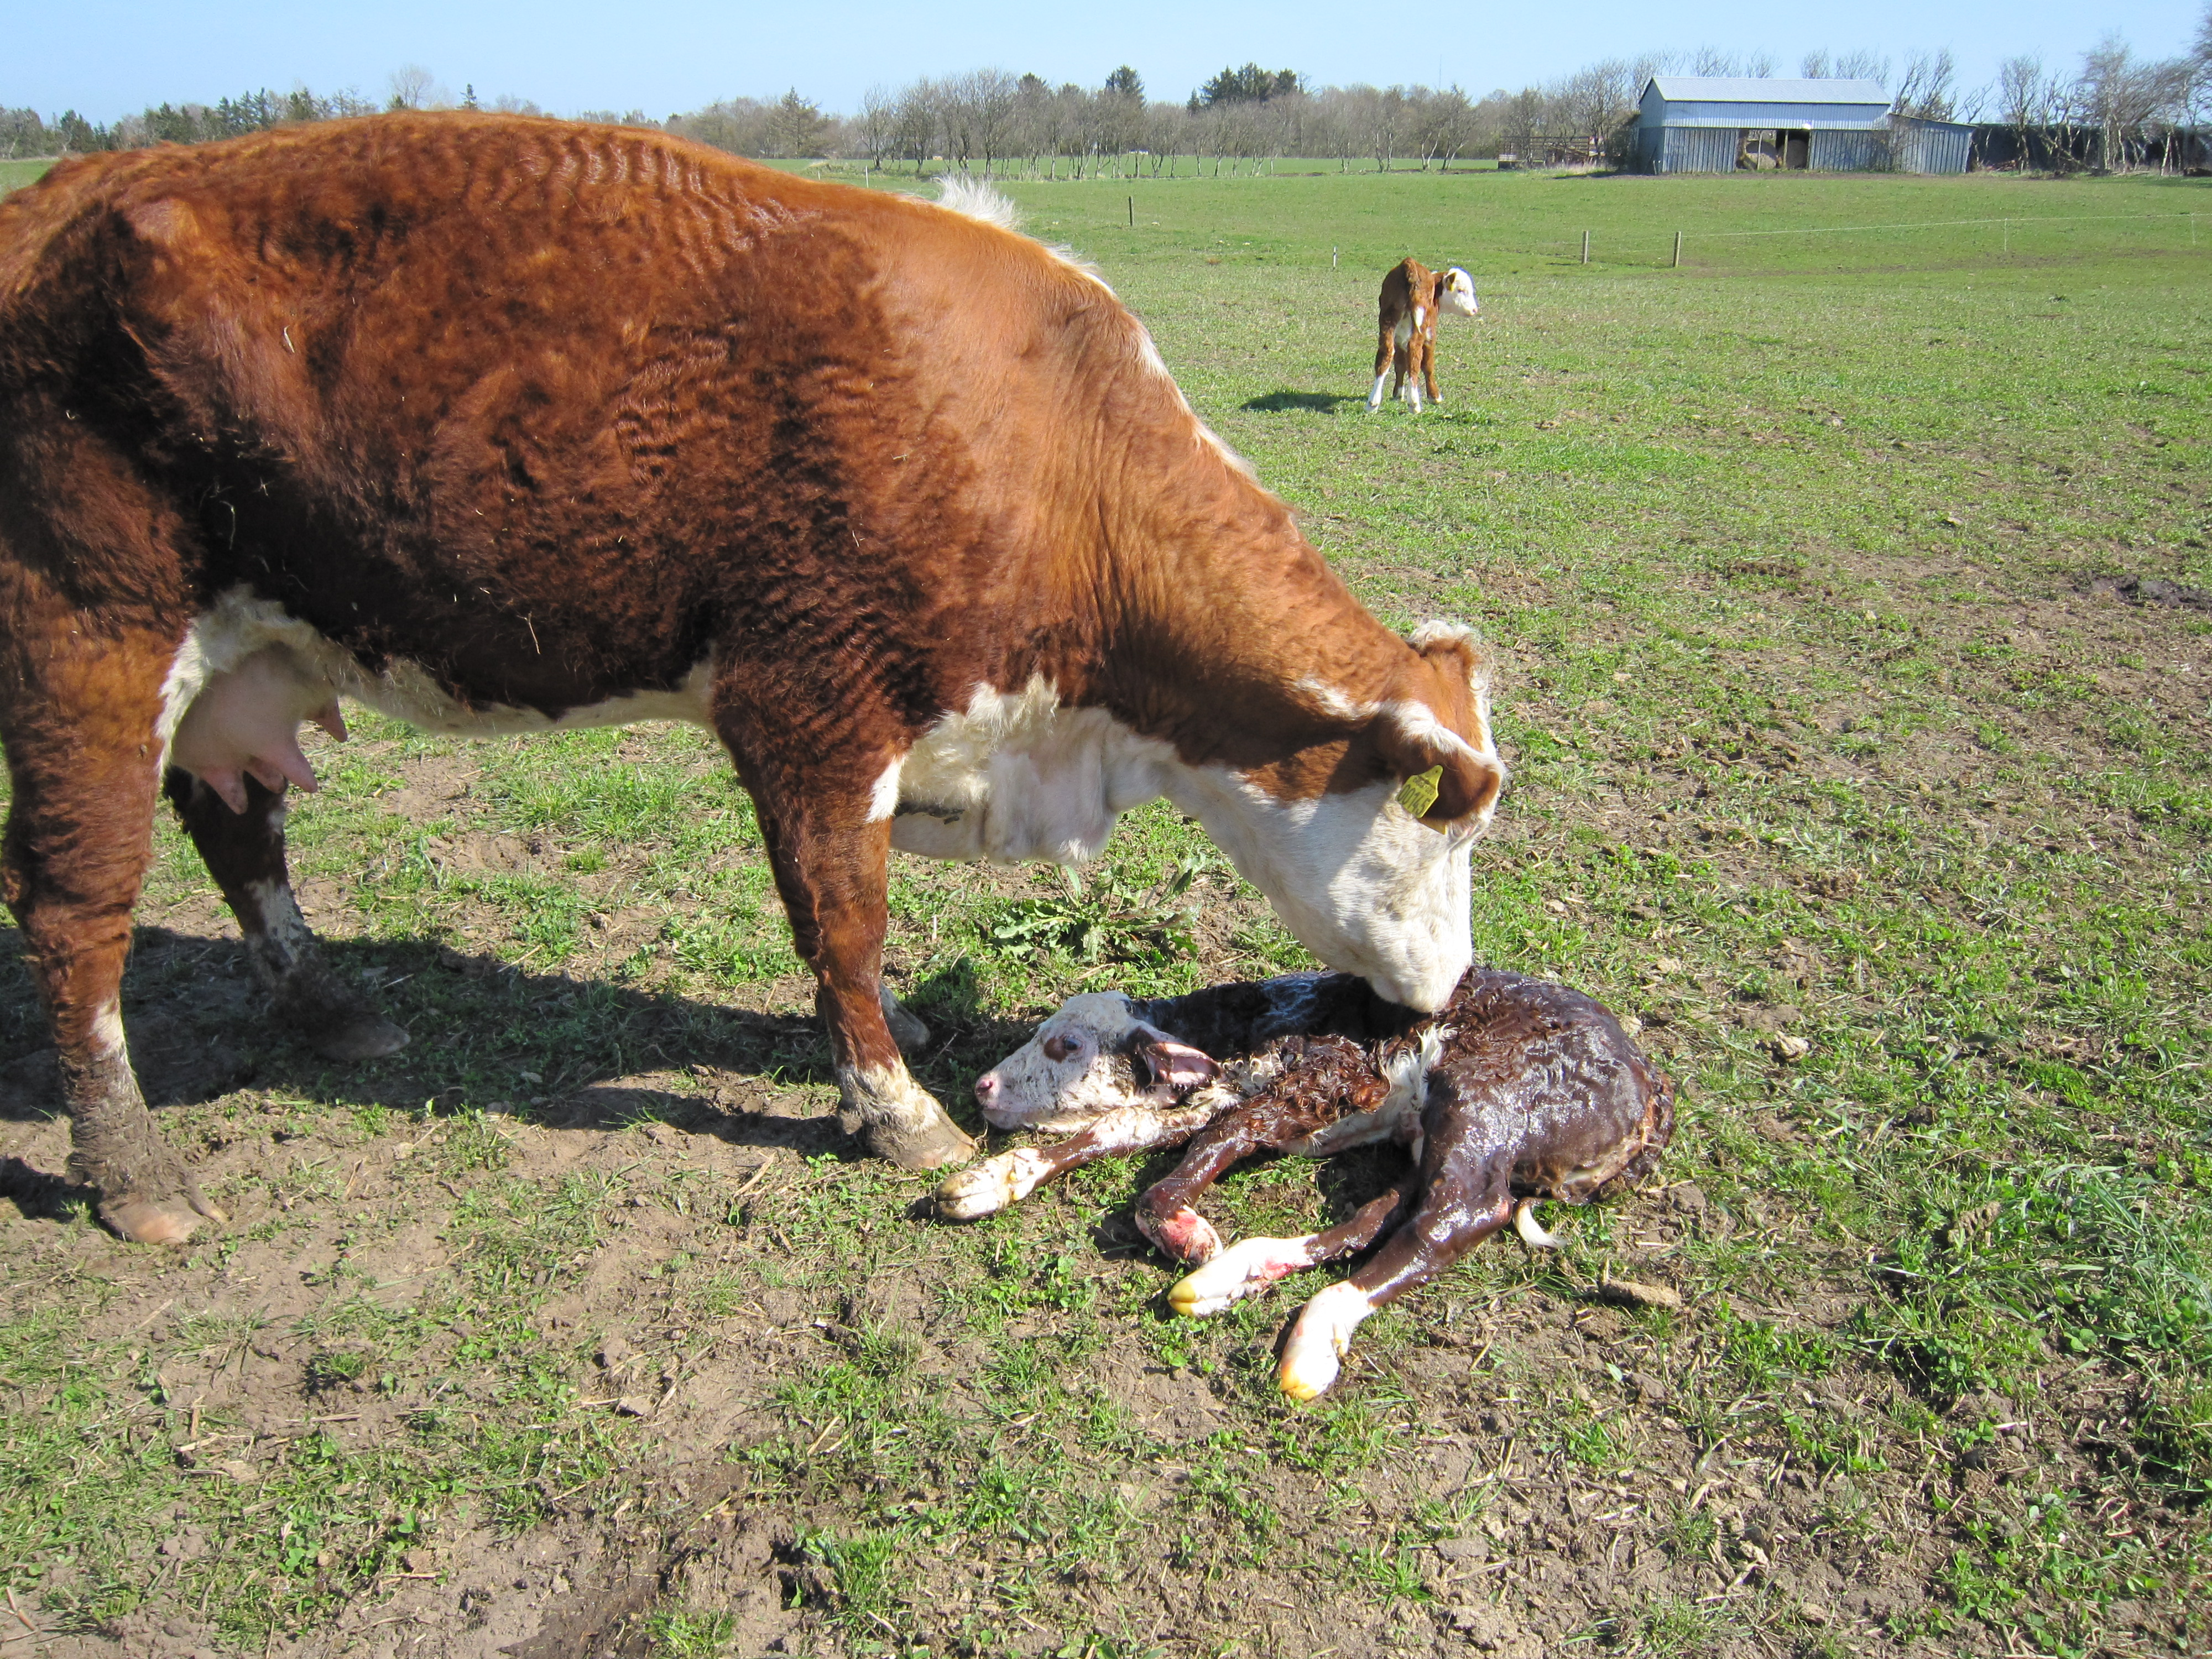 herefordko med nyfødt kalv